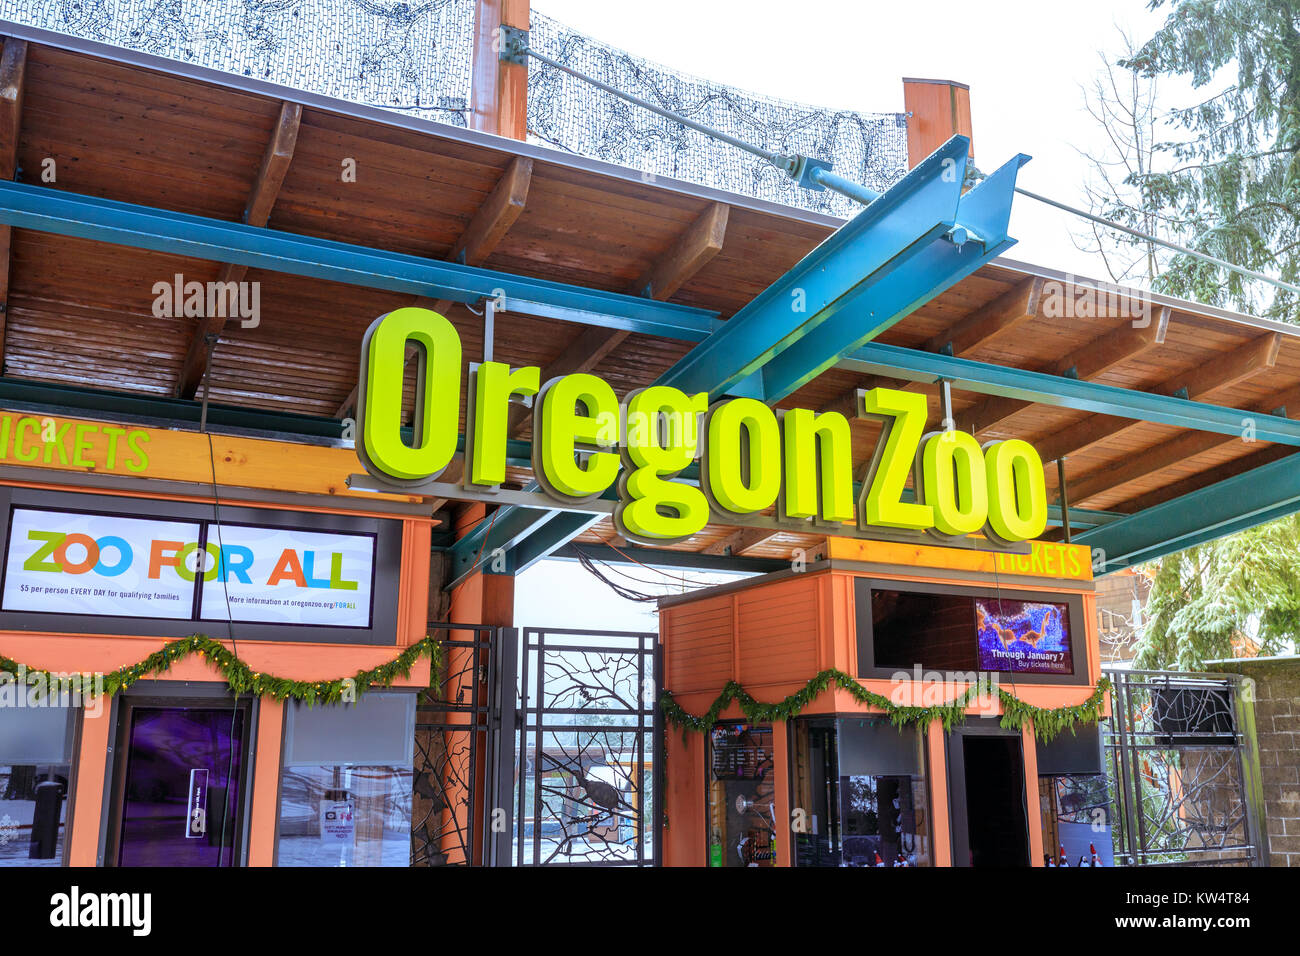 Portland, Oregon, United States - Oct 25, 2017: l'entrée du Zoo de l'Oregon à Washington Park station en hiver Banque D'Images